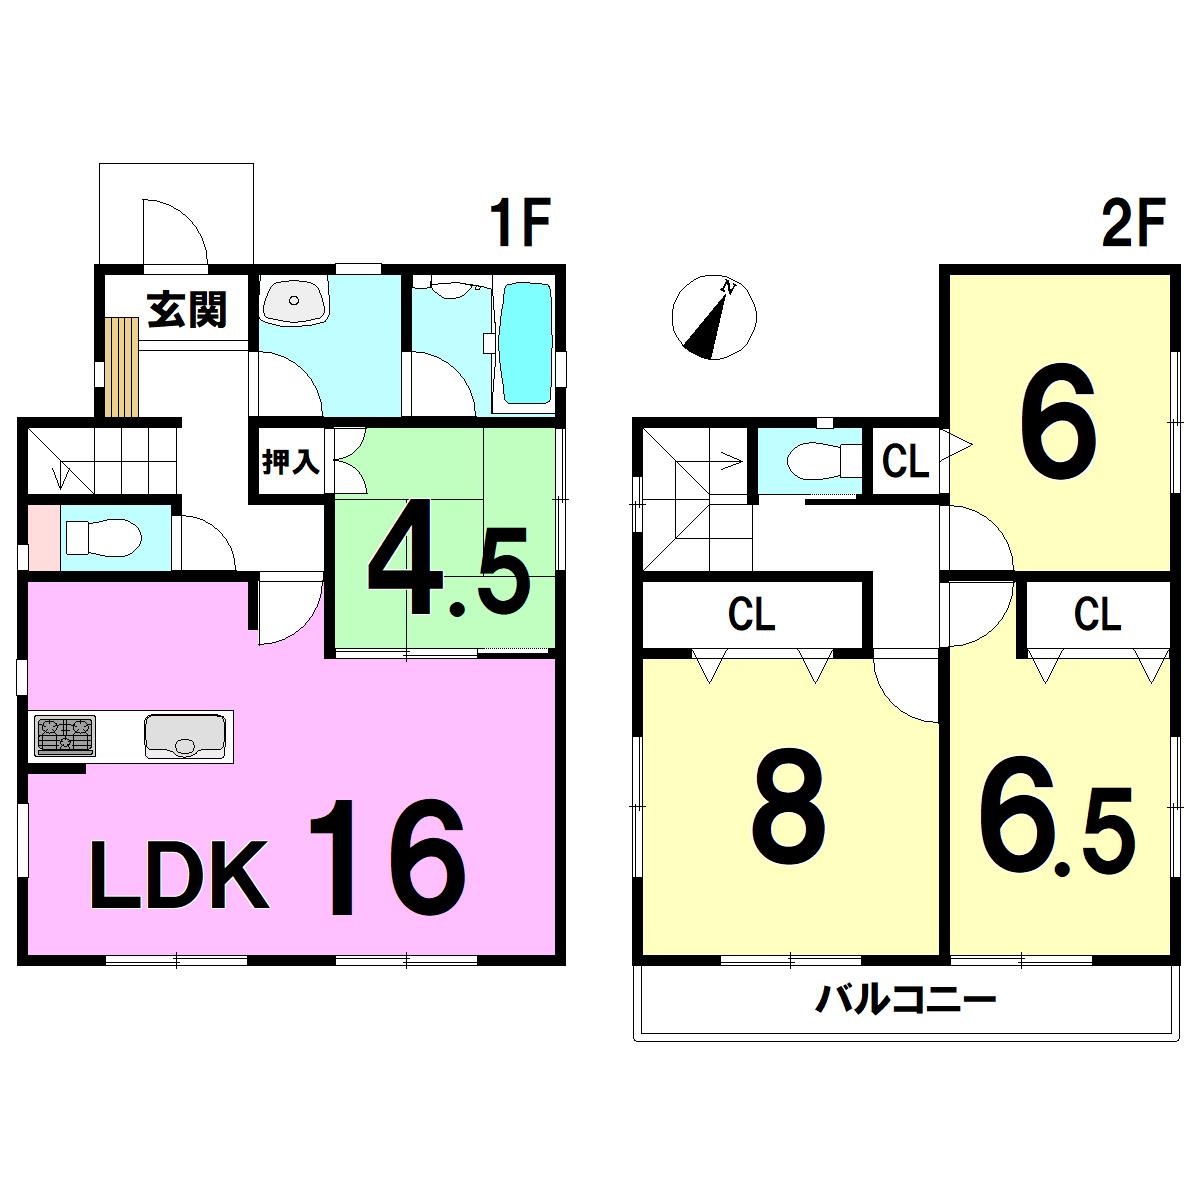 【間取り】 1階:LDK16 和4.5 2階:洋6 洋8 洋6.5